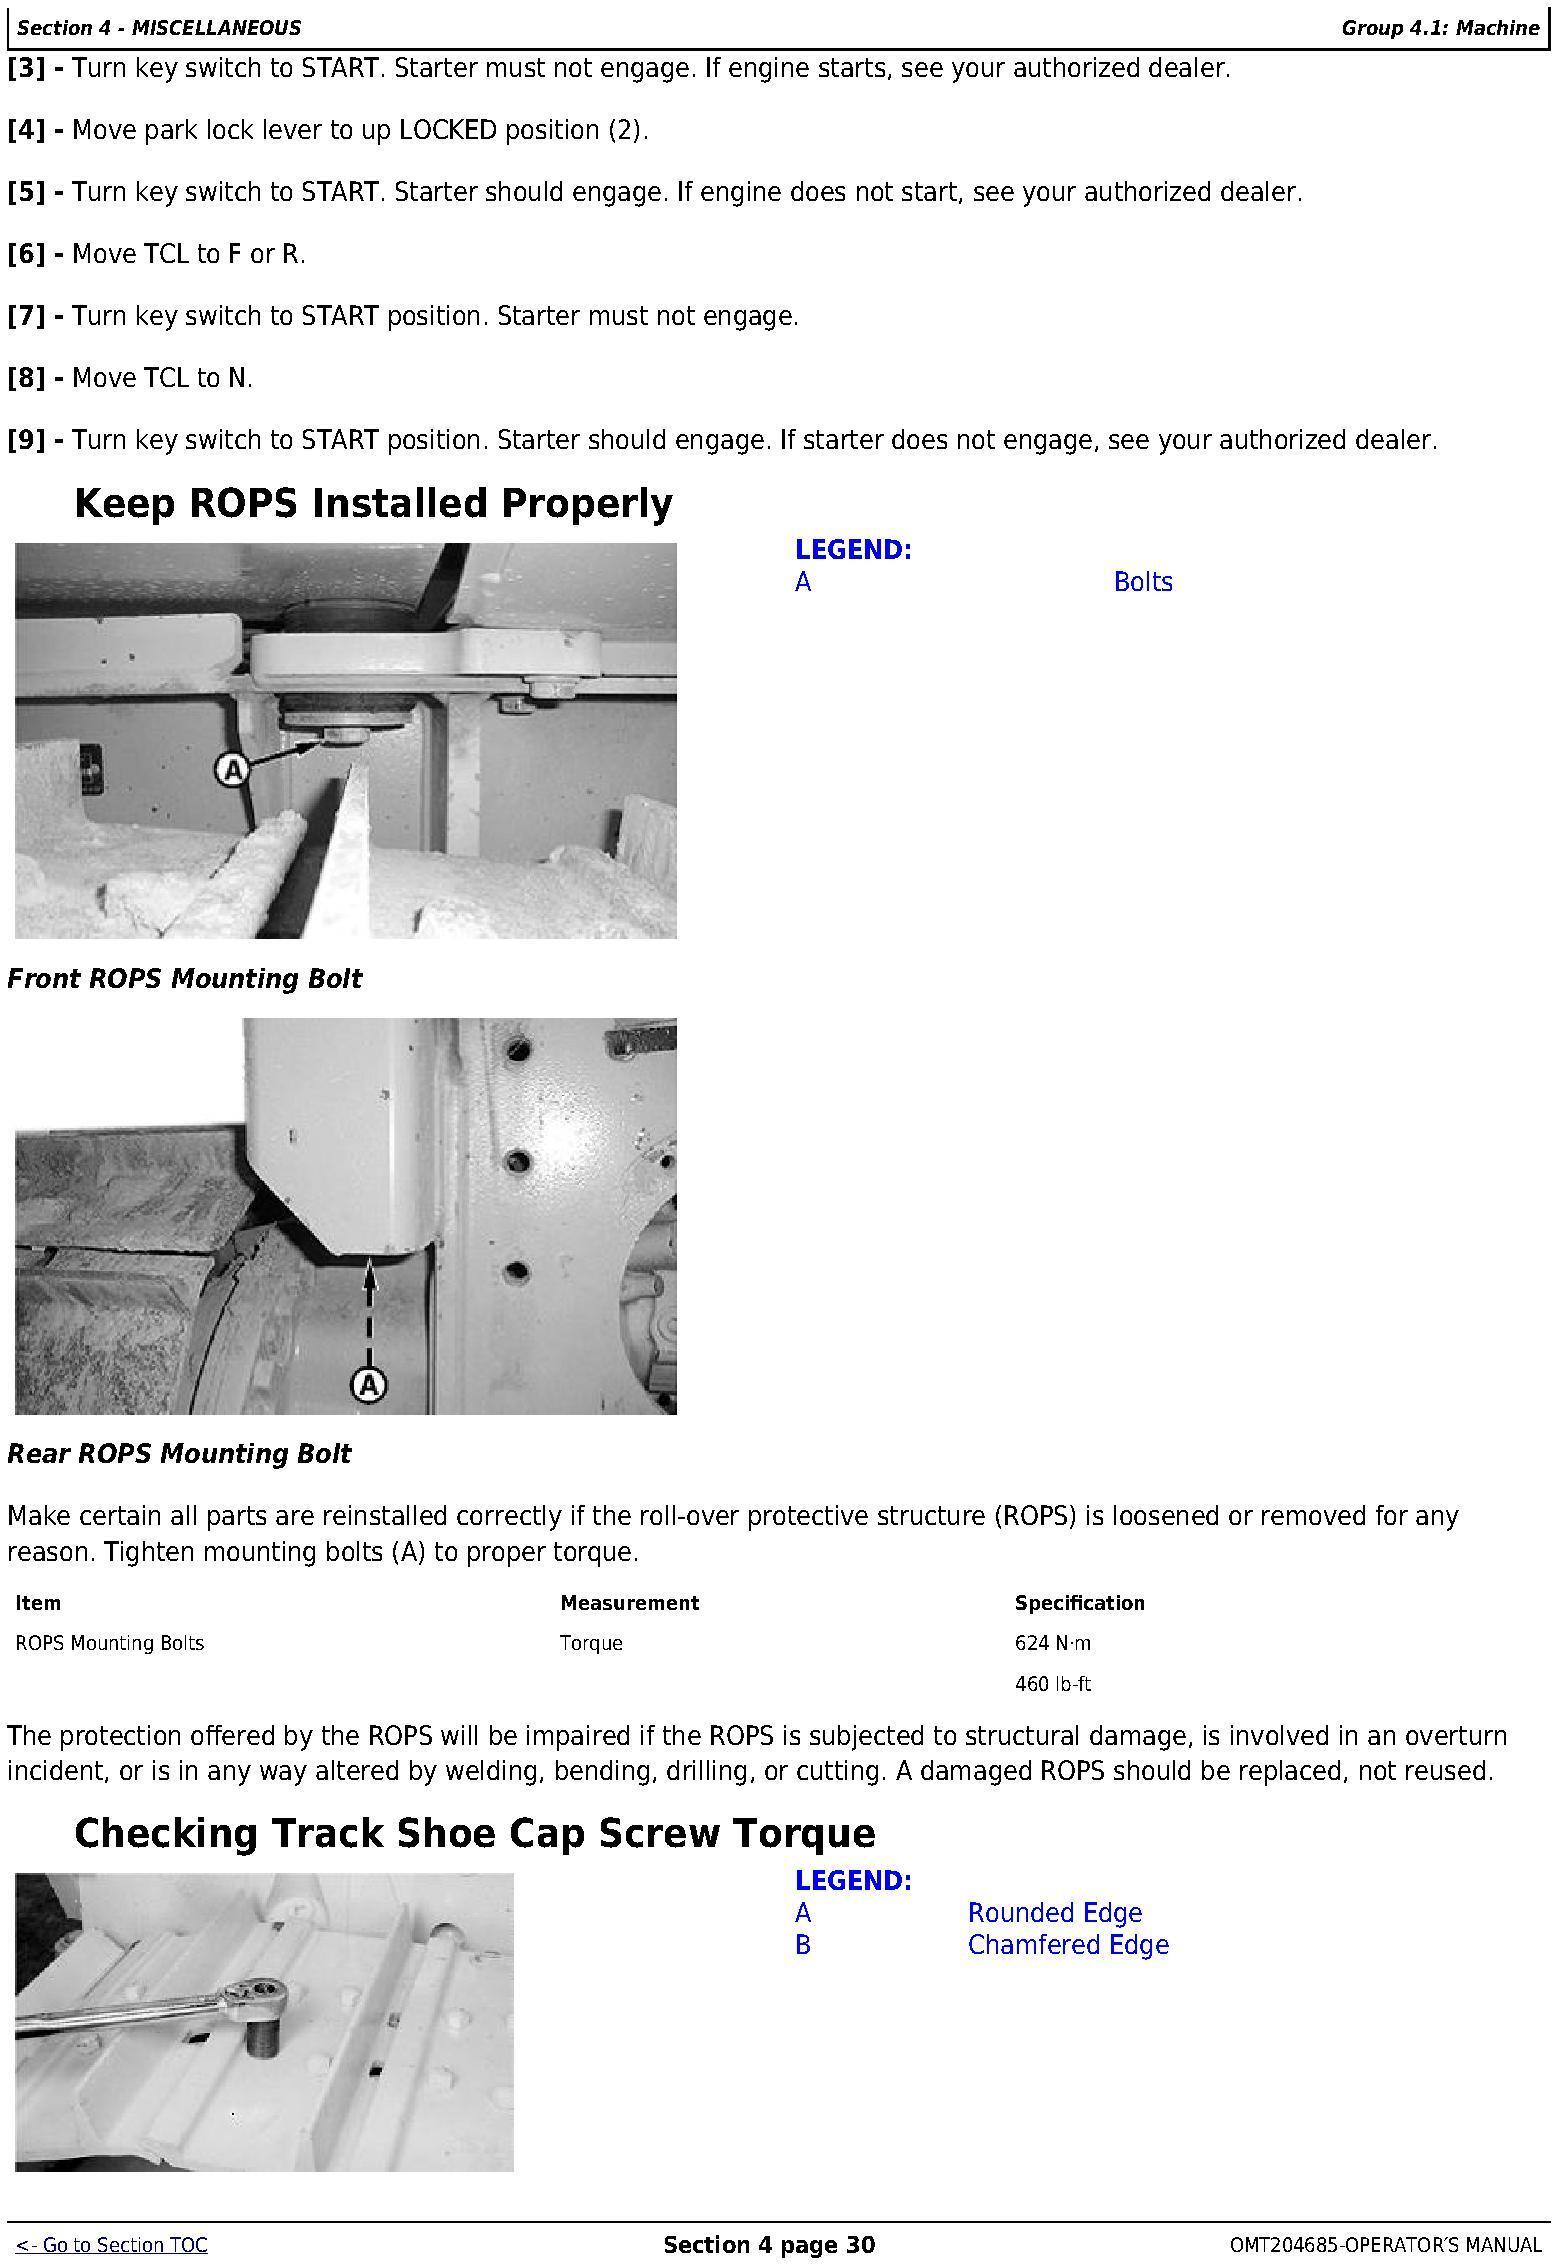 OMT204685 - John Deere 450J, 550J, and 650J Crawler Dozer (S.N. before 159986) Operators Manual - 3